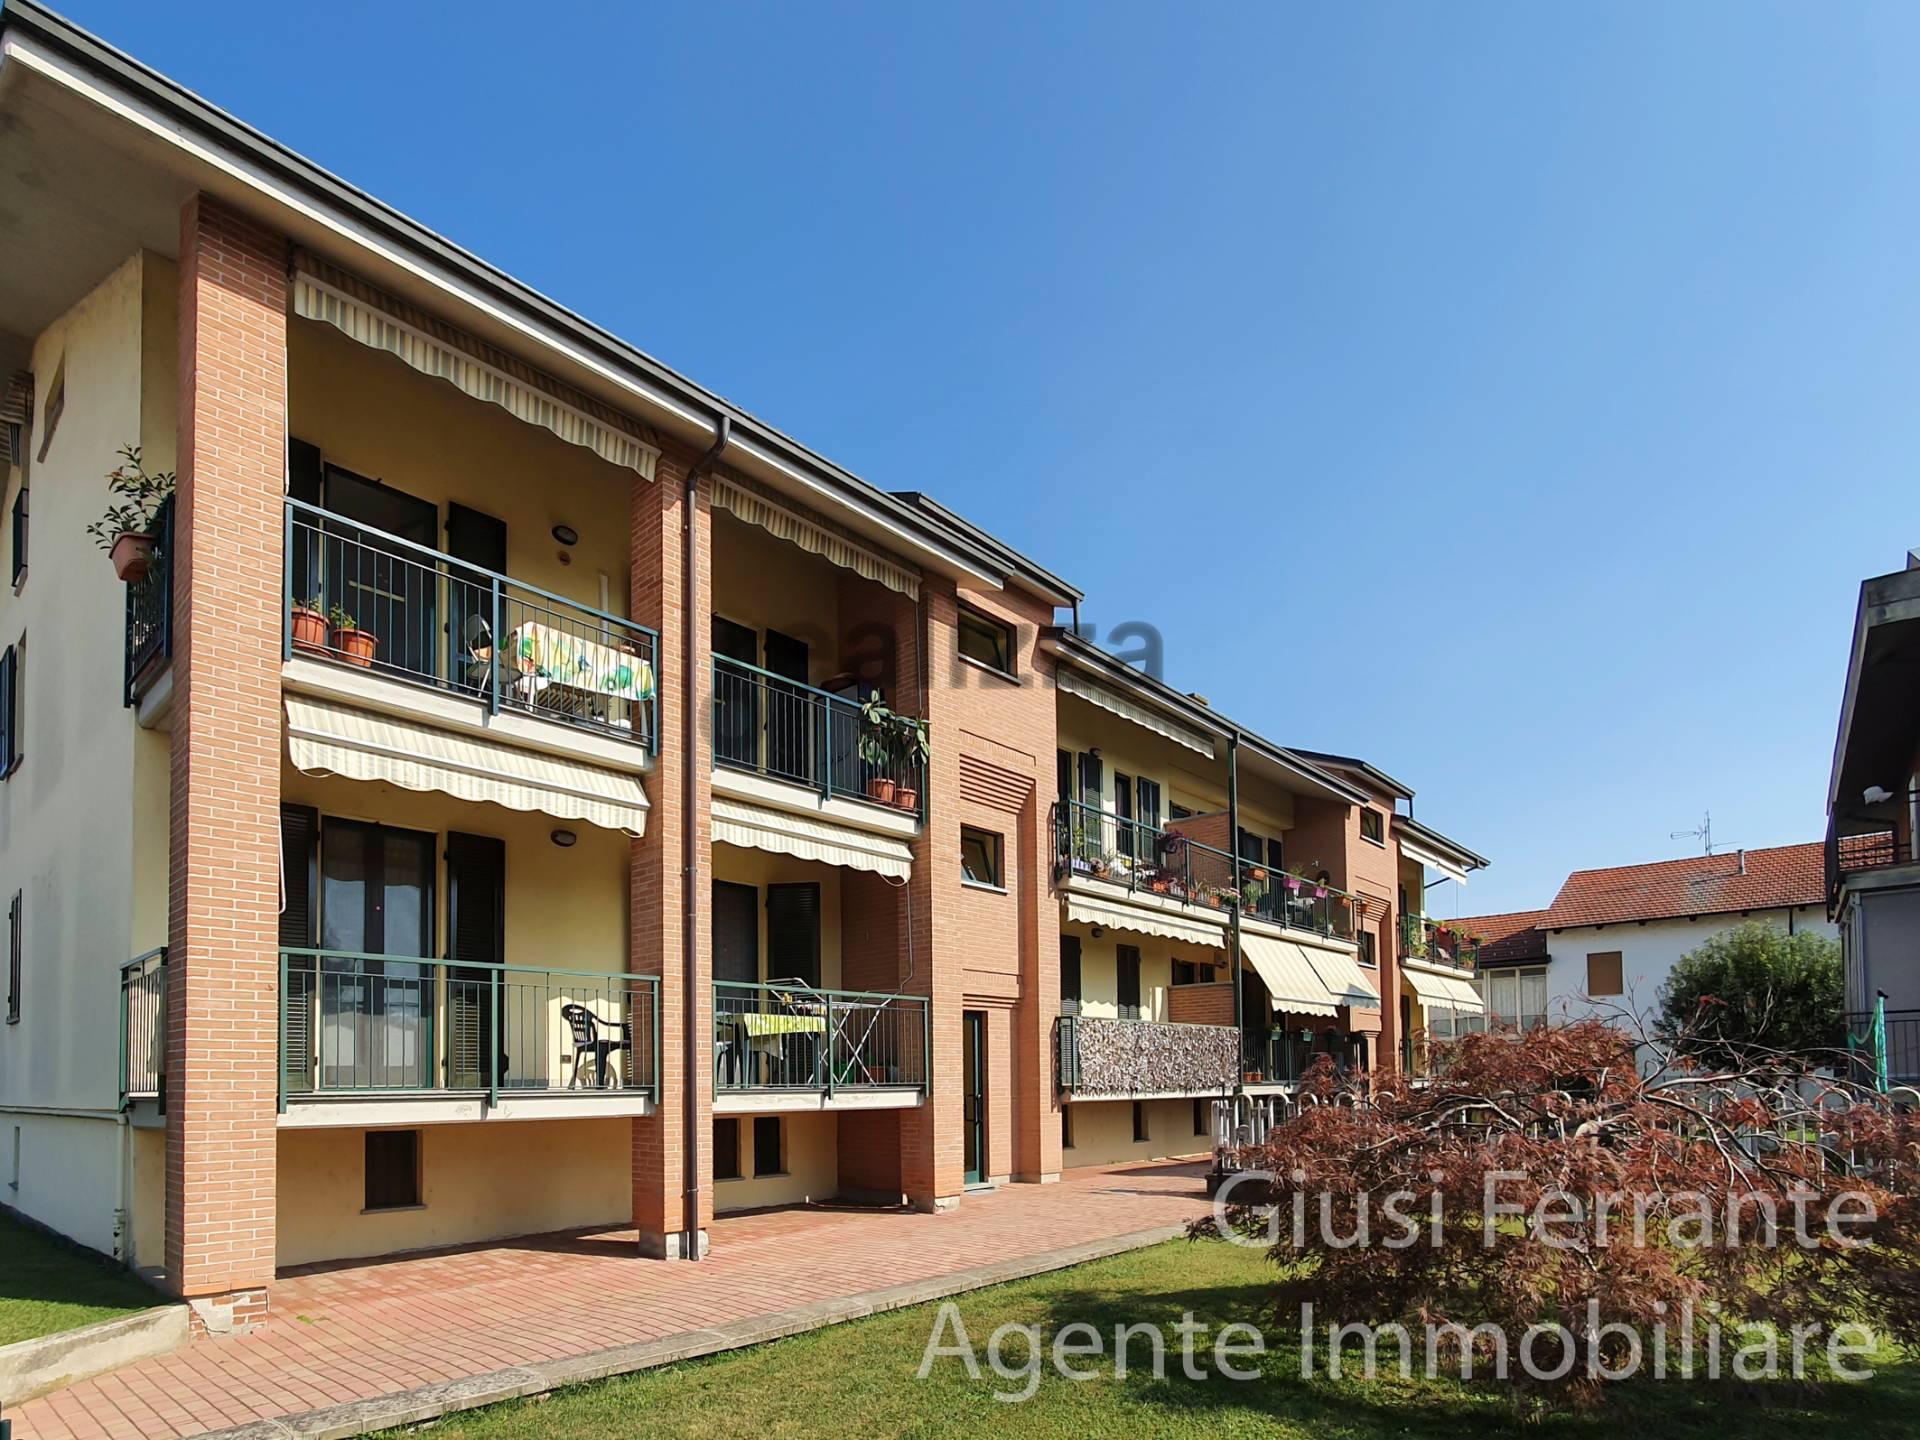 Appartamento in vendita a Castagnole Piemonte, 3 locali, prezzo € 116.000   PortaleAgenzieImmobiliari.it